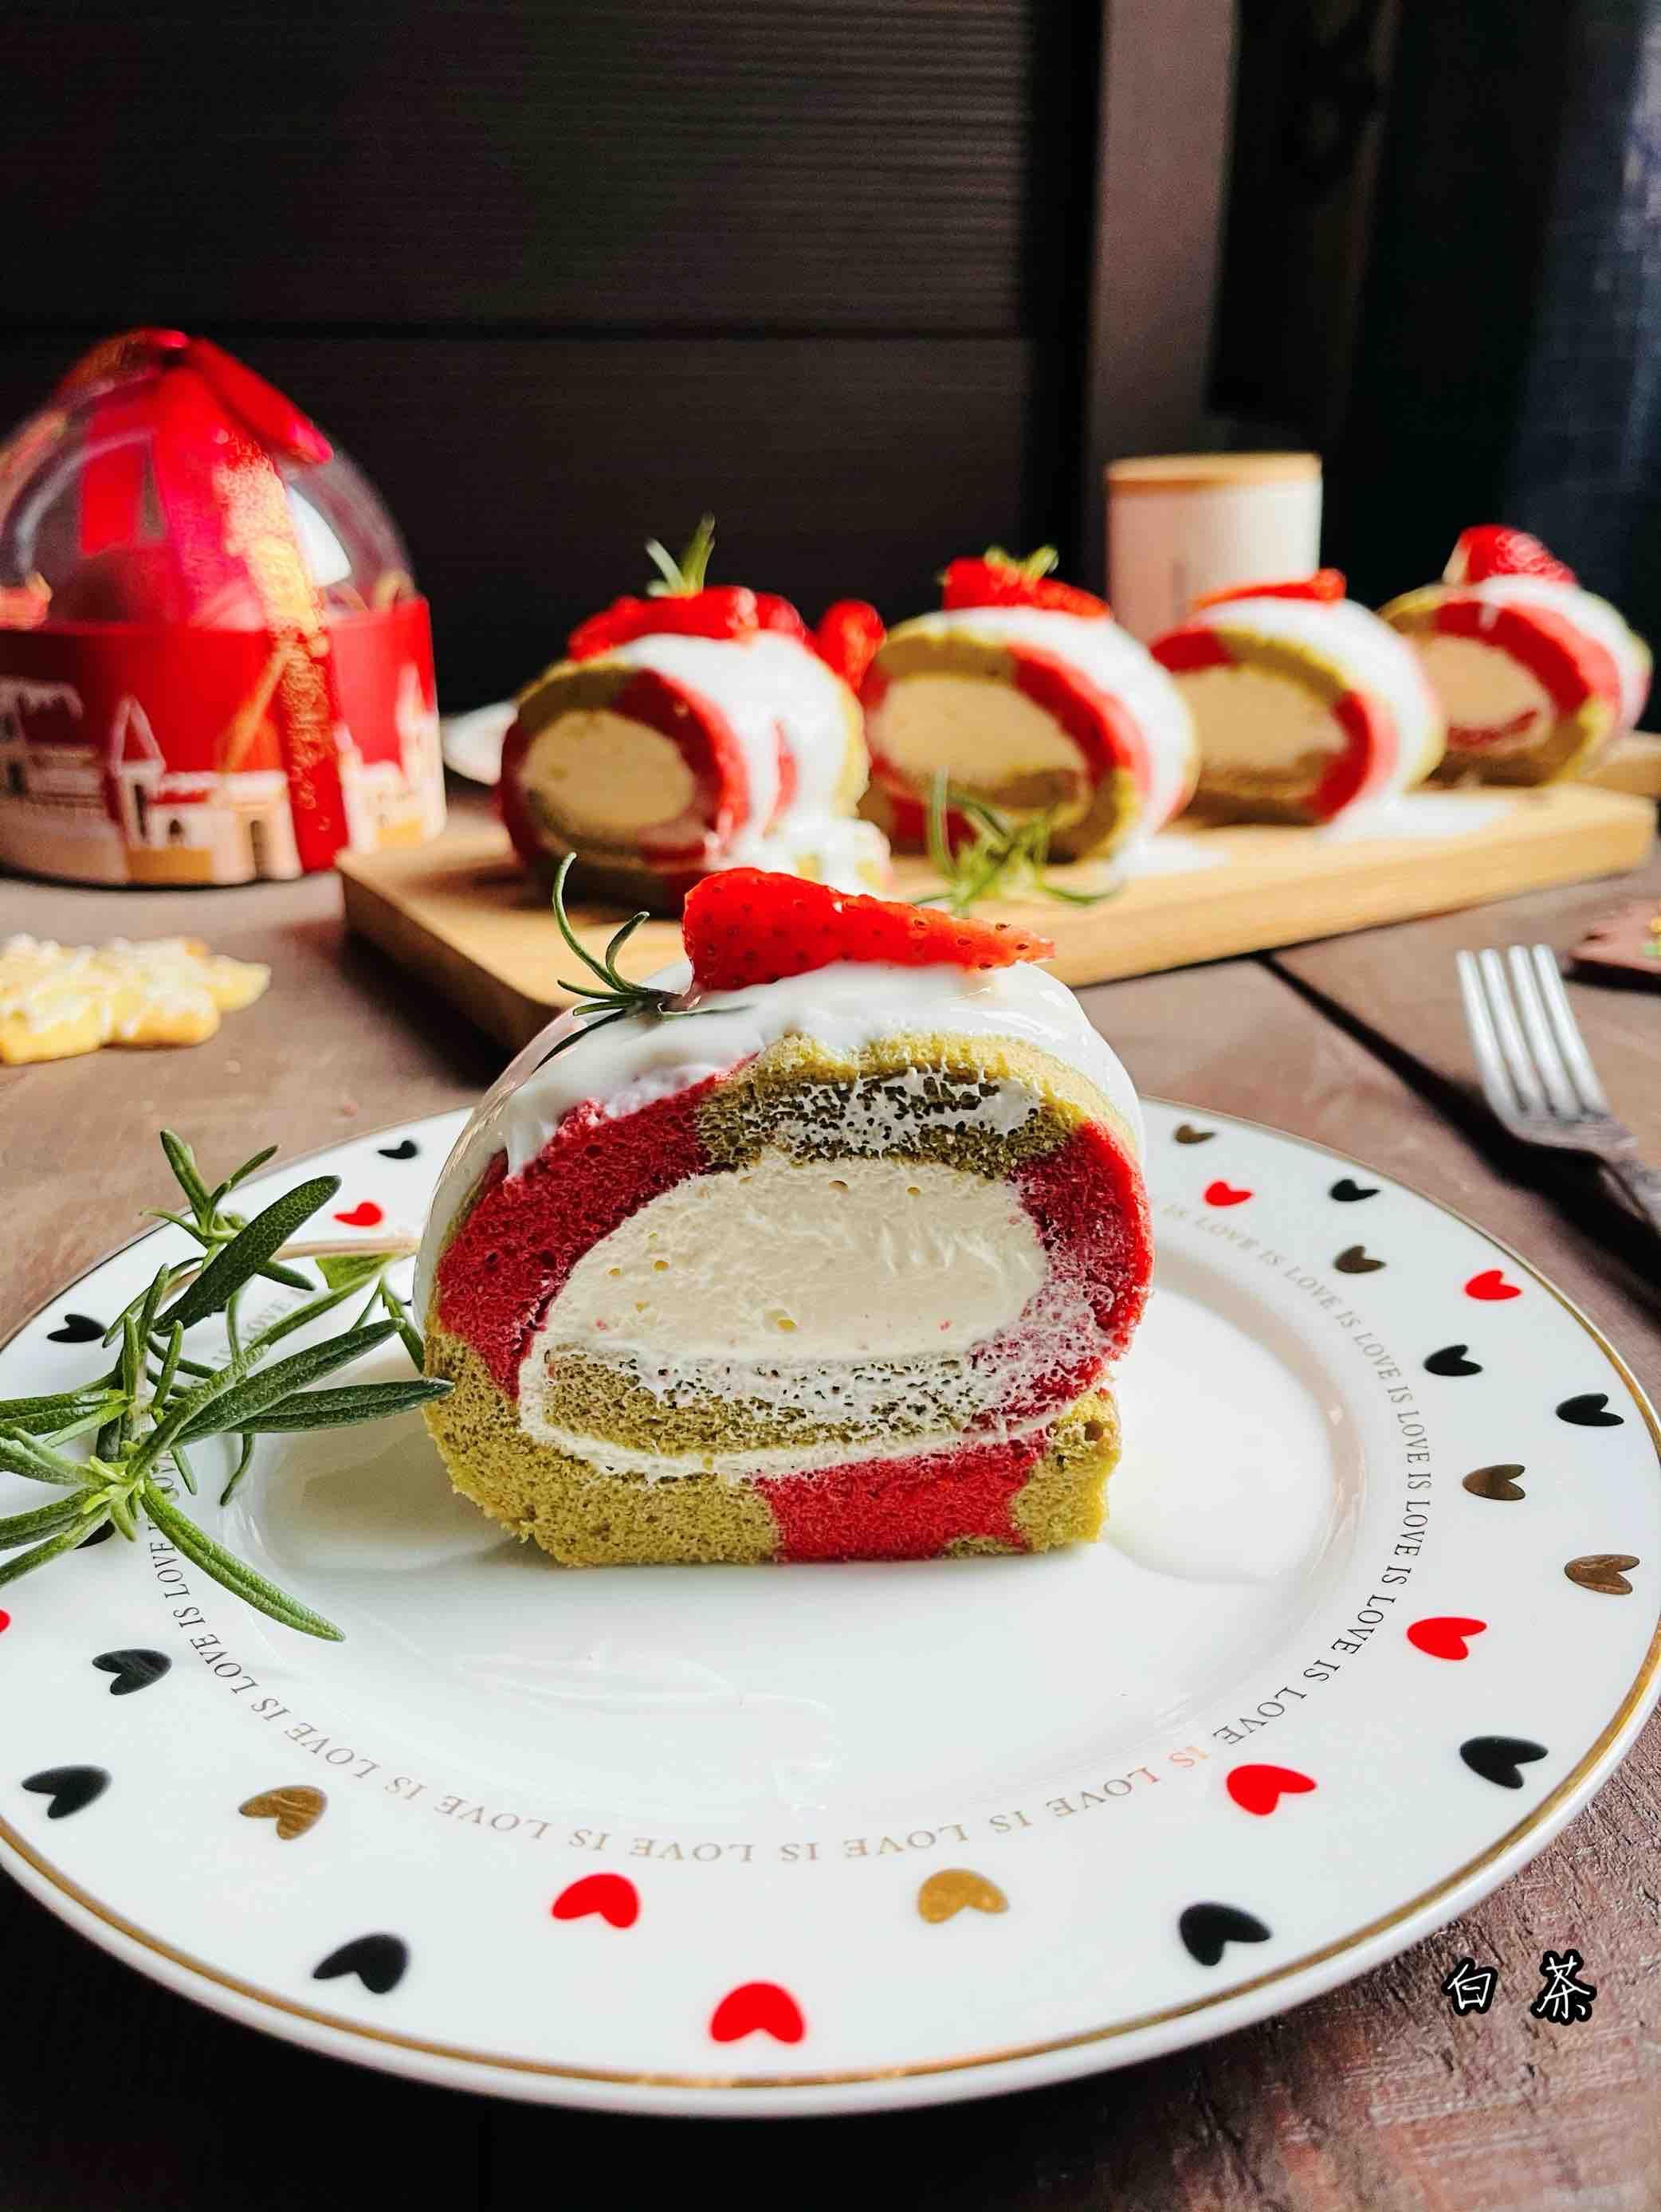 高颜值圣诞双色蛋糕卷的做法